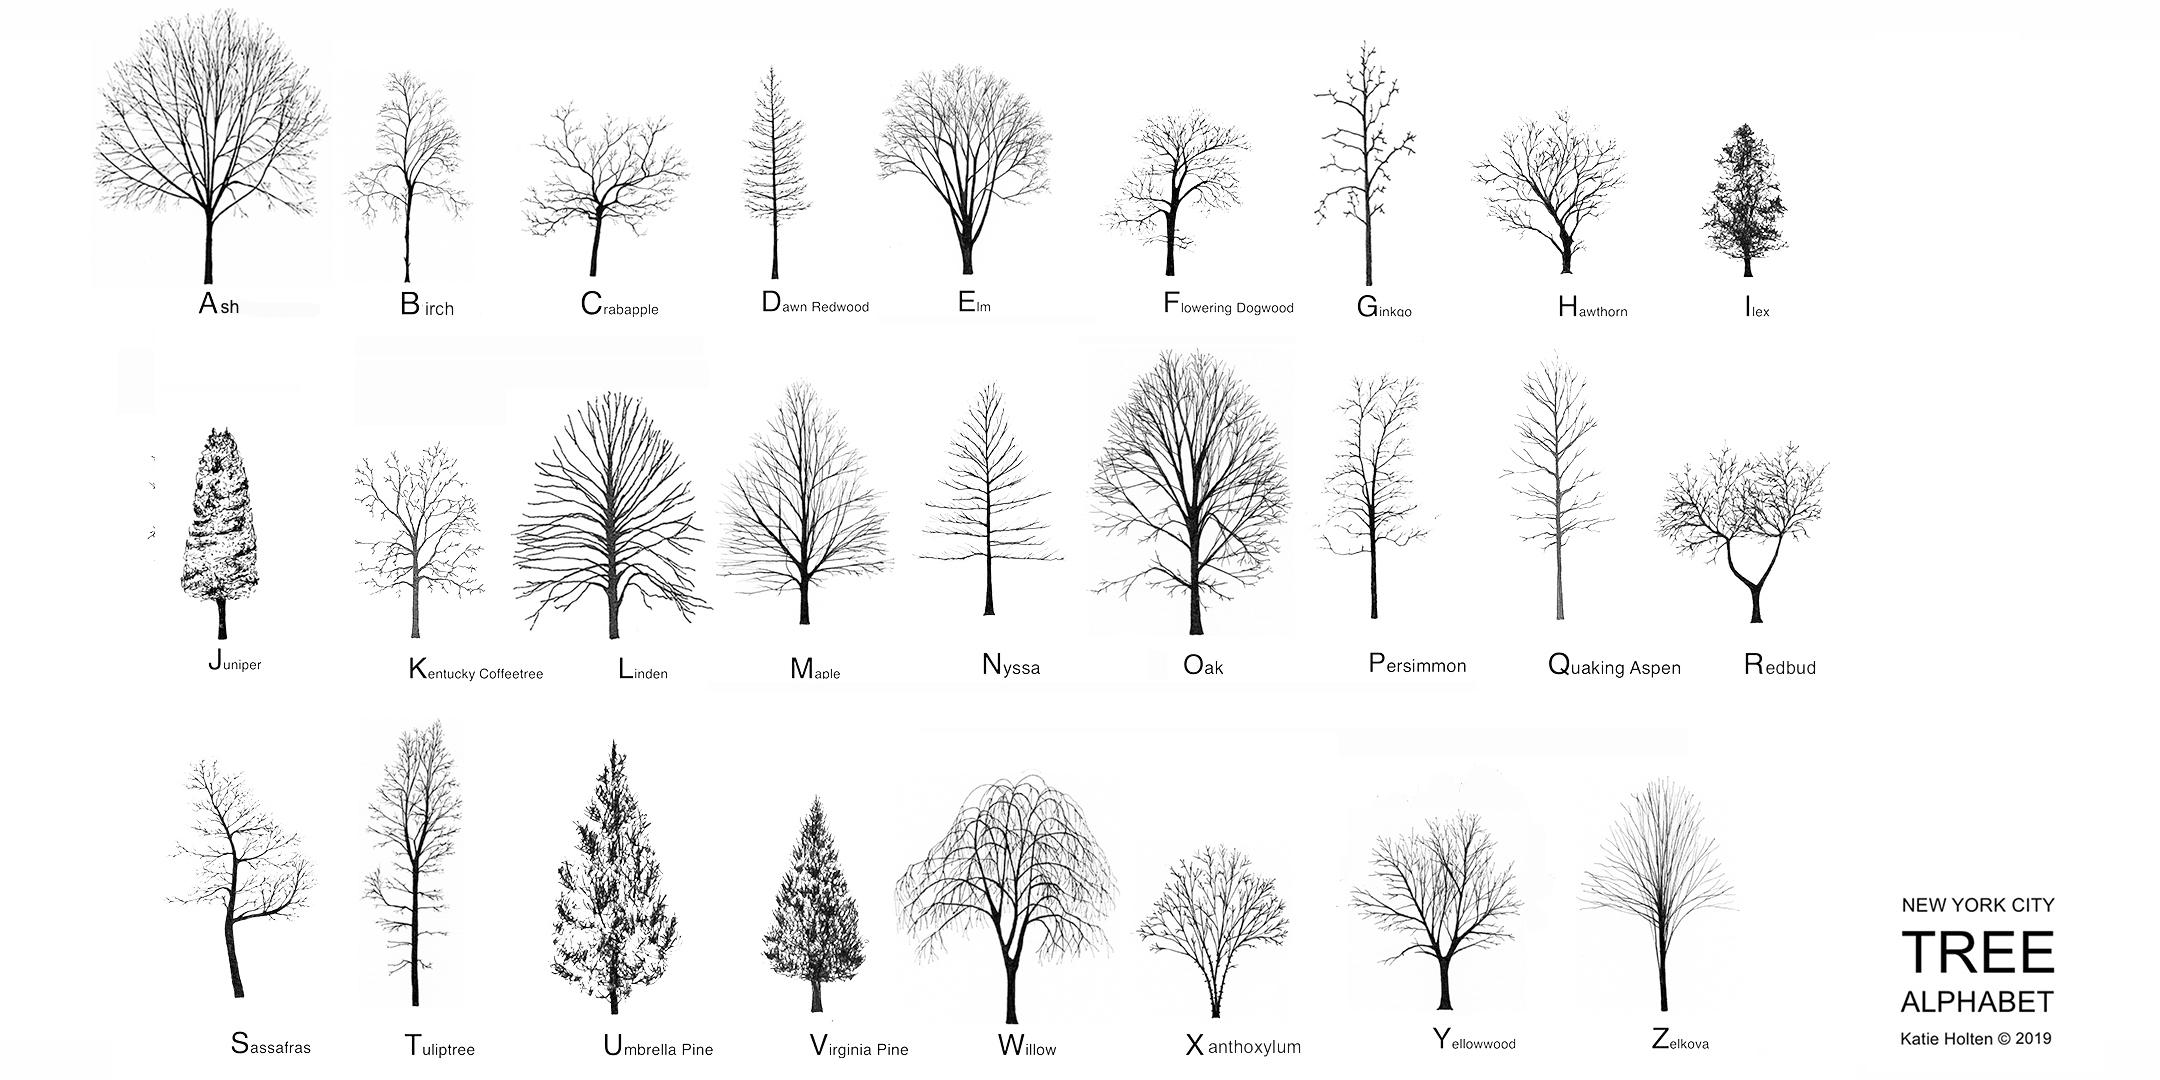 Katie Holten. New York City Tree Alphabet 2019. wide.jpg